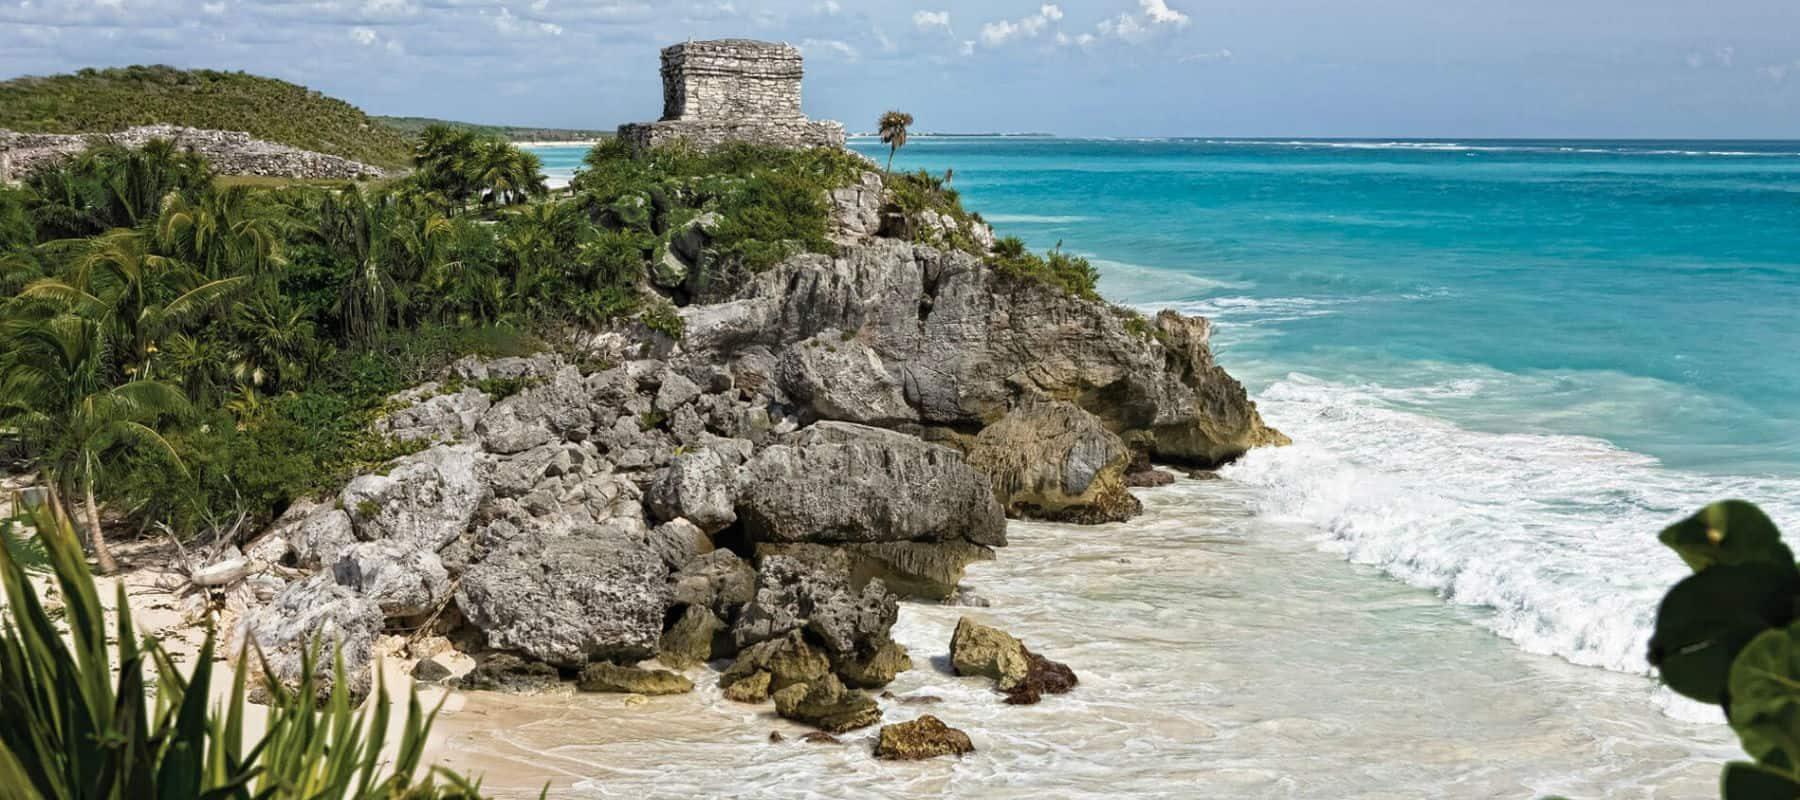 Turismo en Quintana Roo Travel Guide